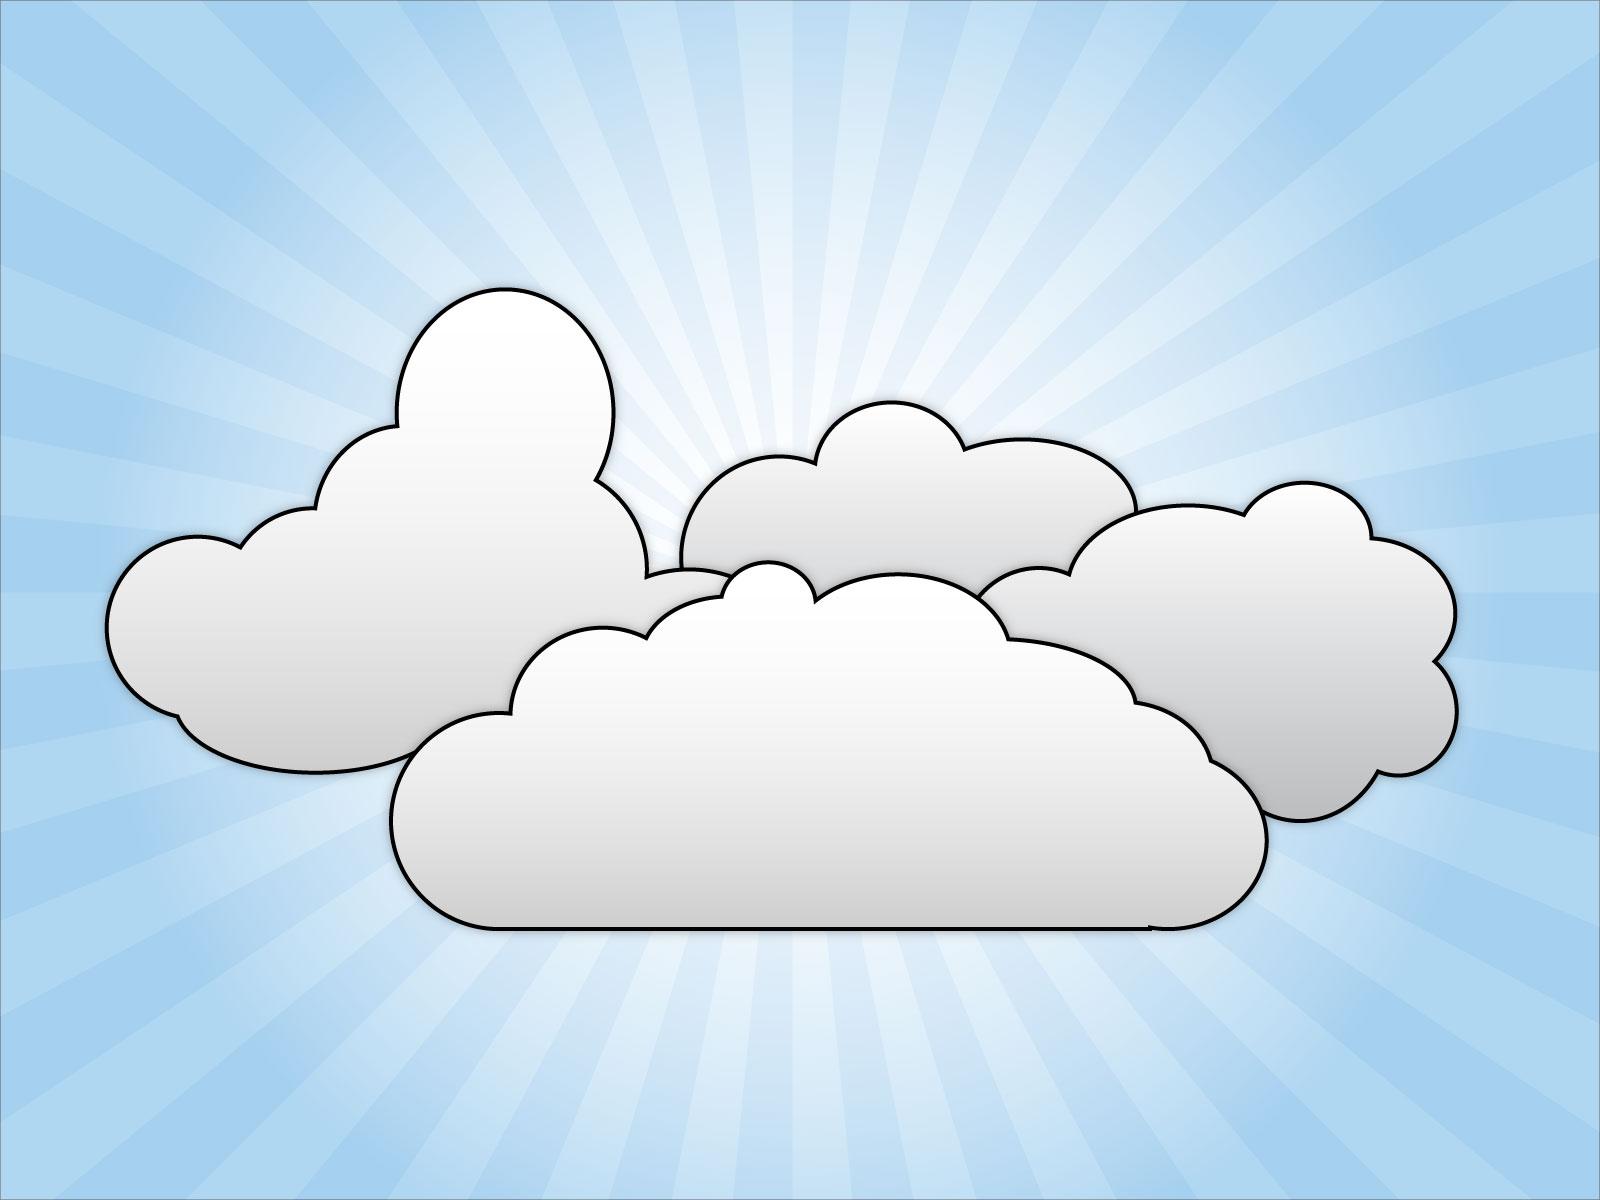 Clouds clipart dream cloud Images Cloud Cloud Clip #6350